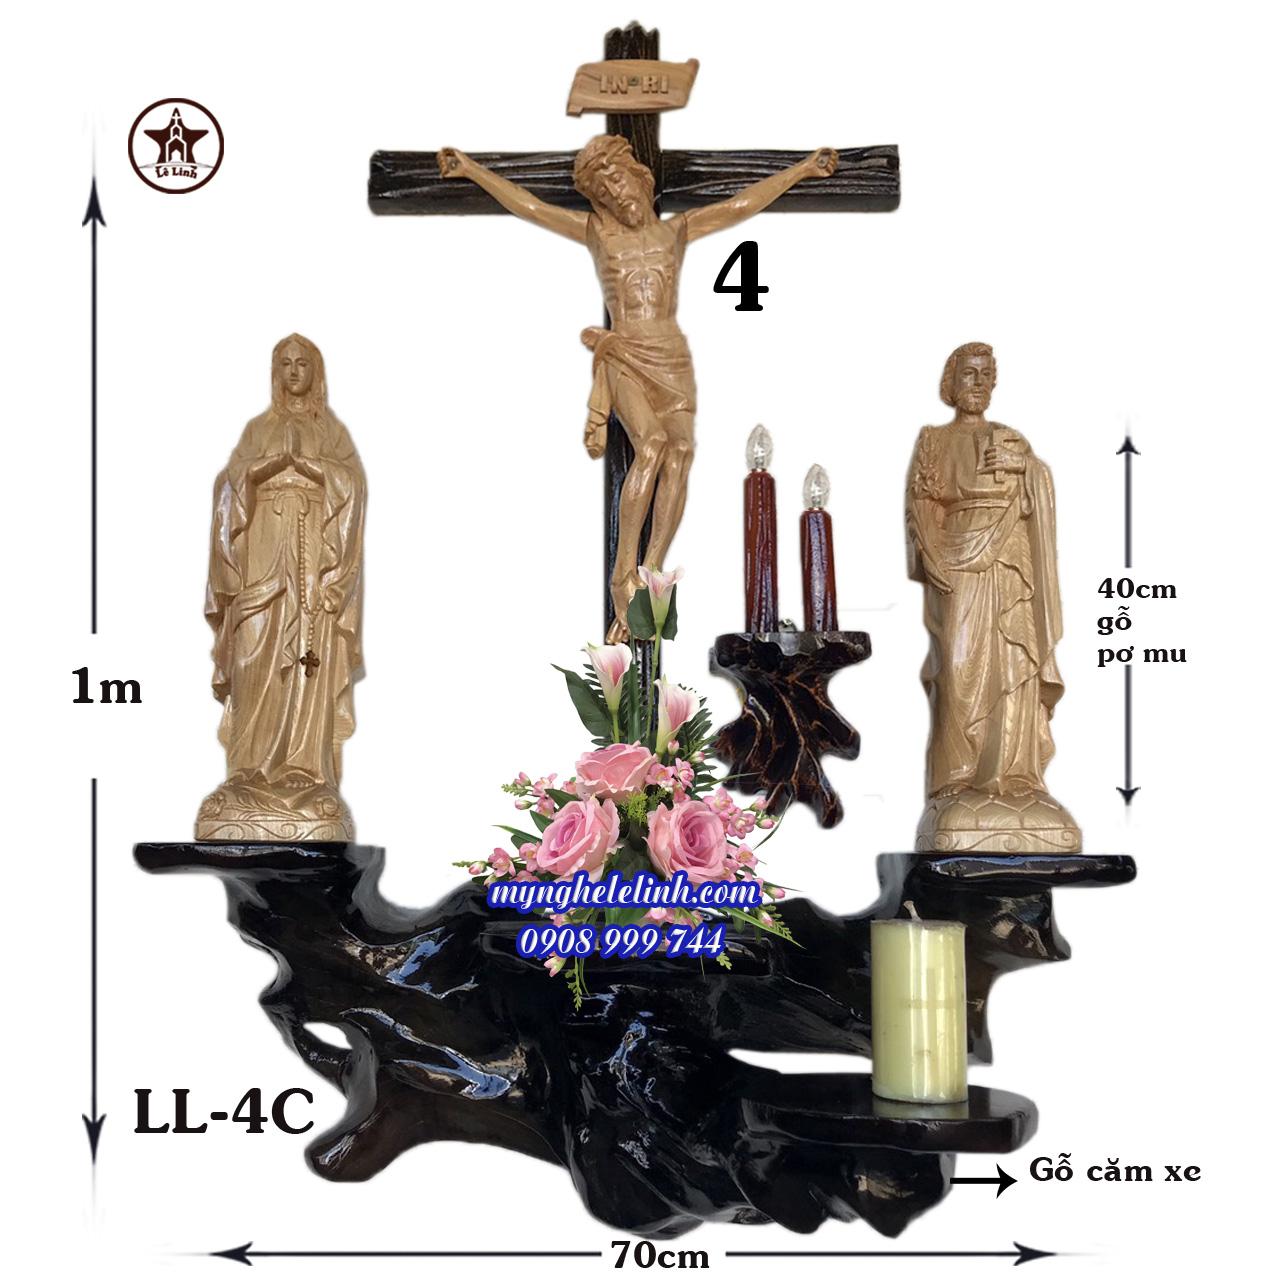 Bàn thờ Công Giáo LL-4C